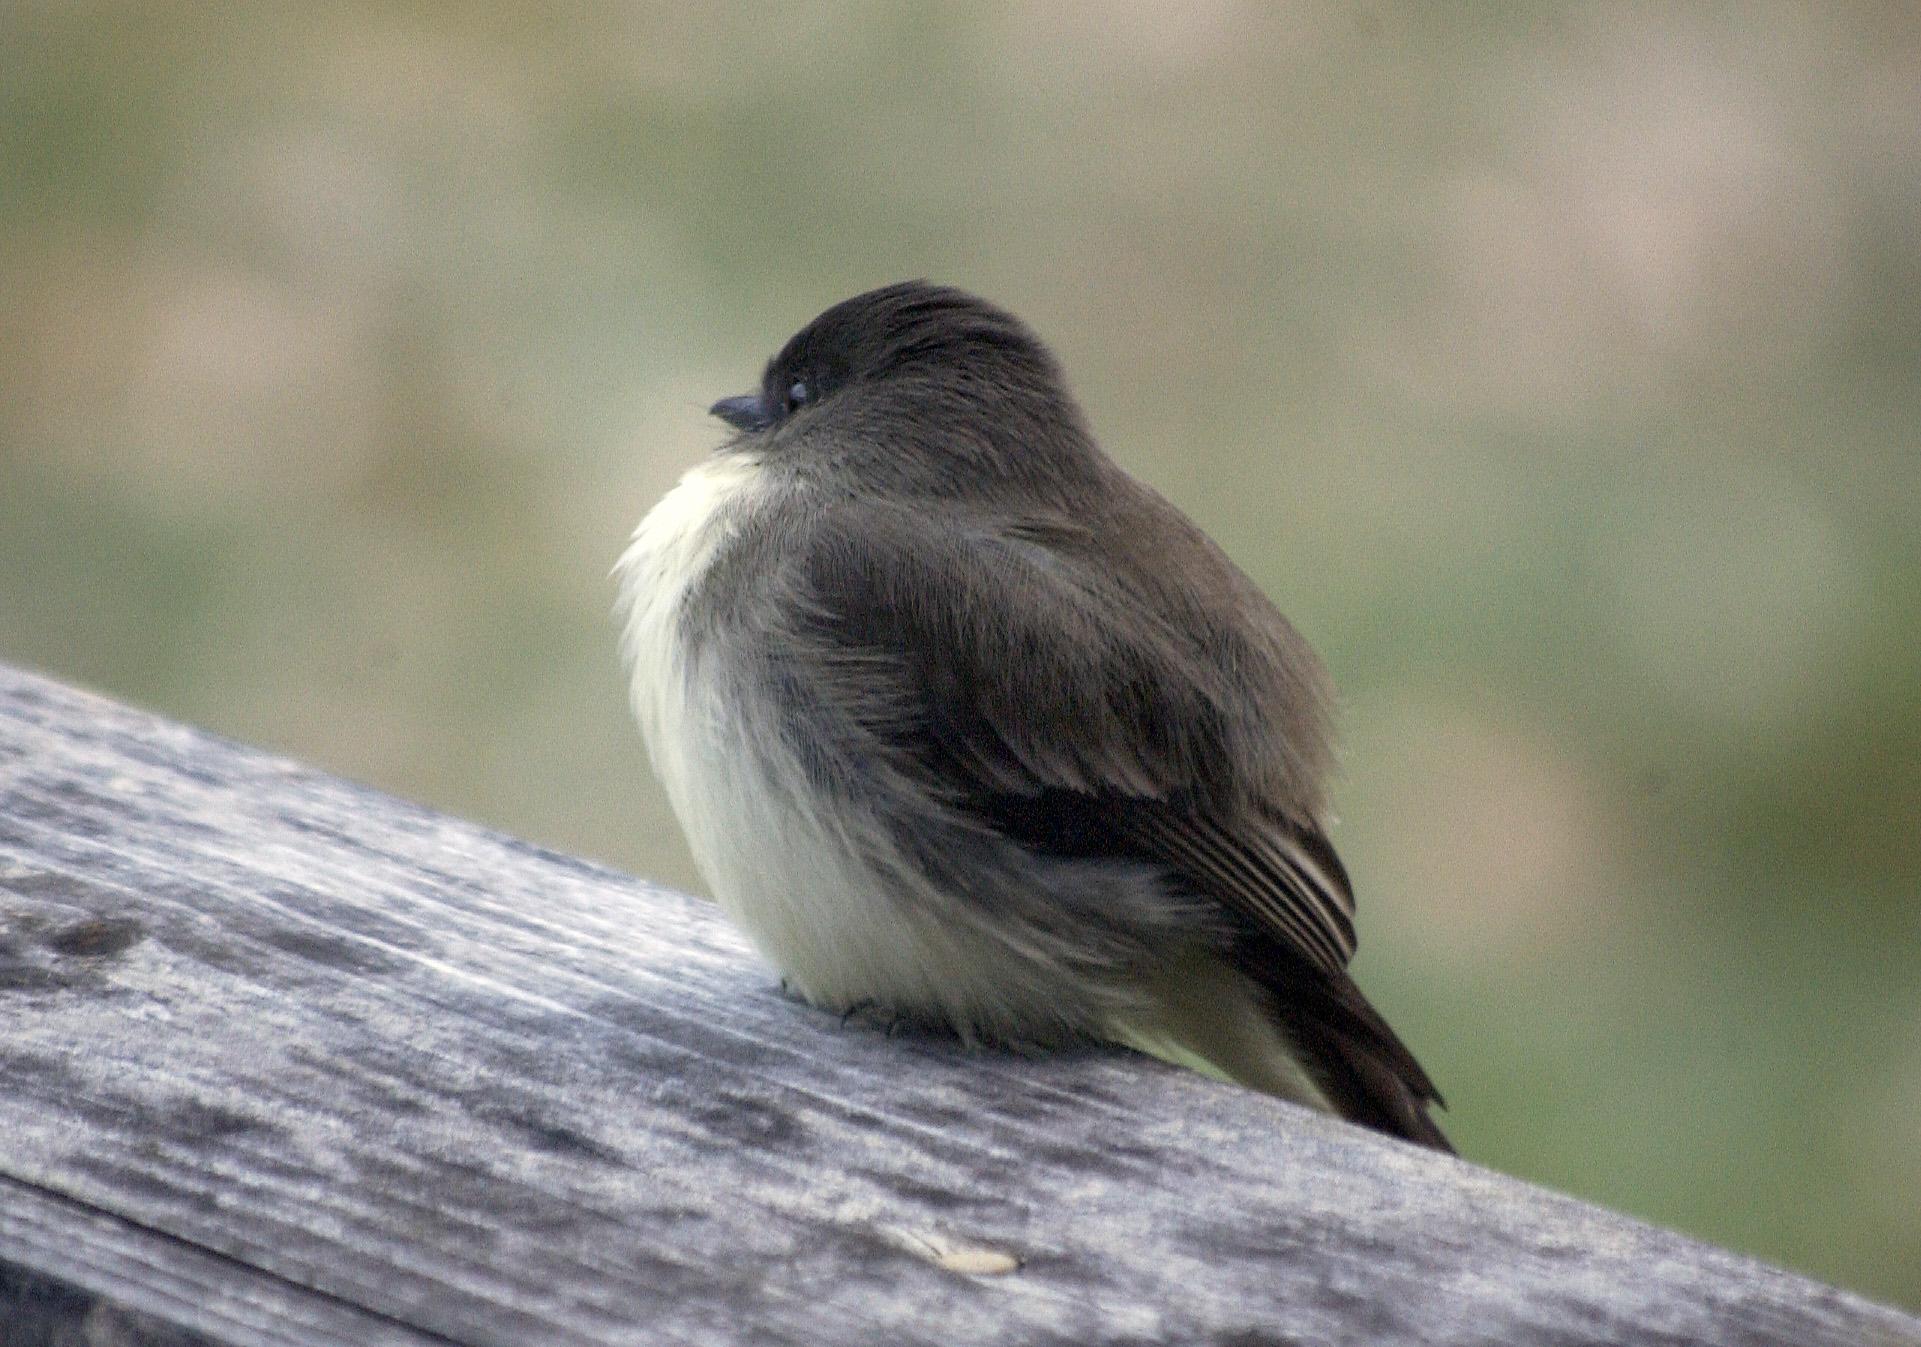 chilly-bird-1